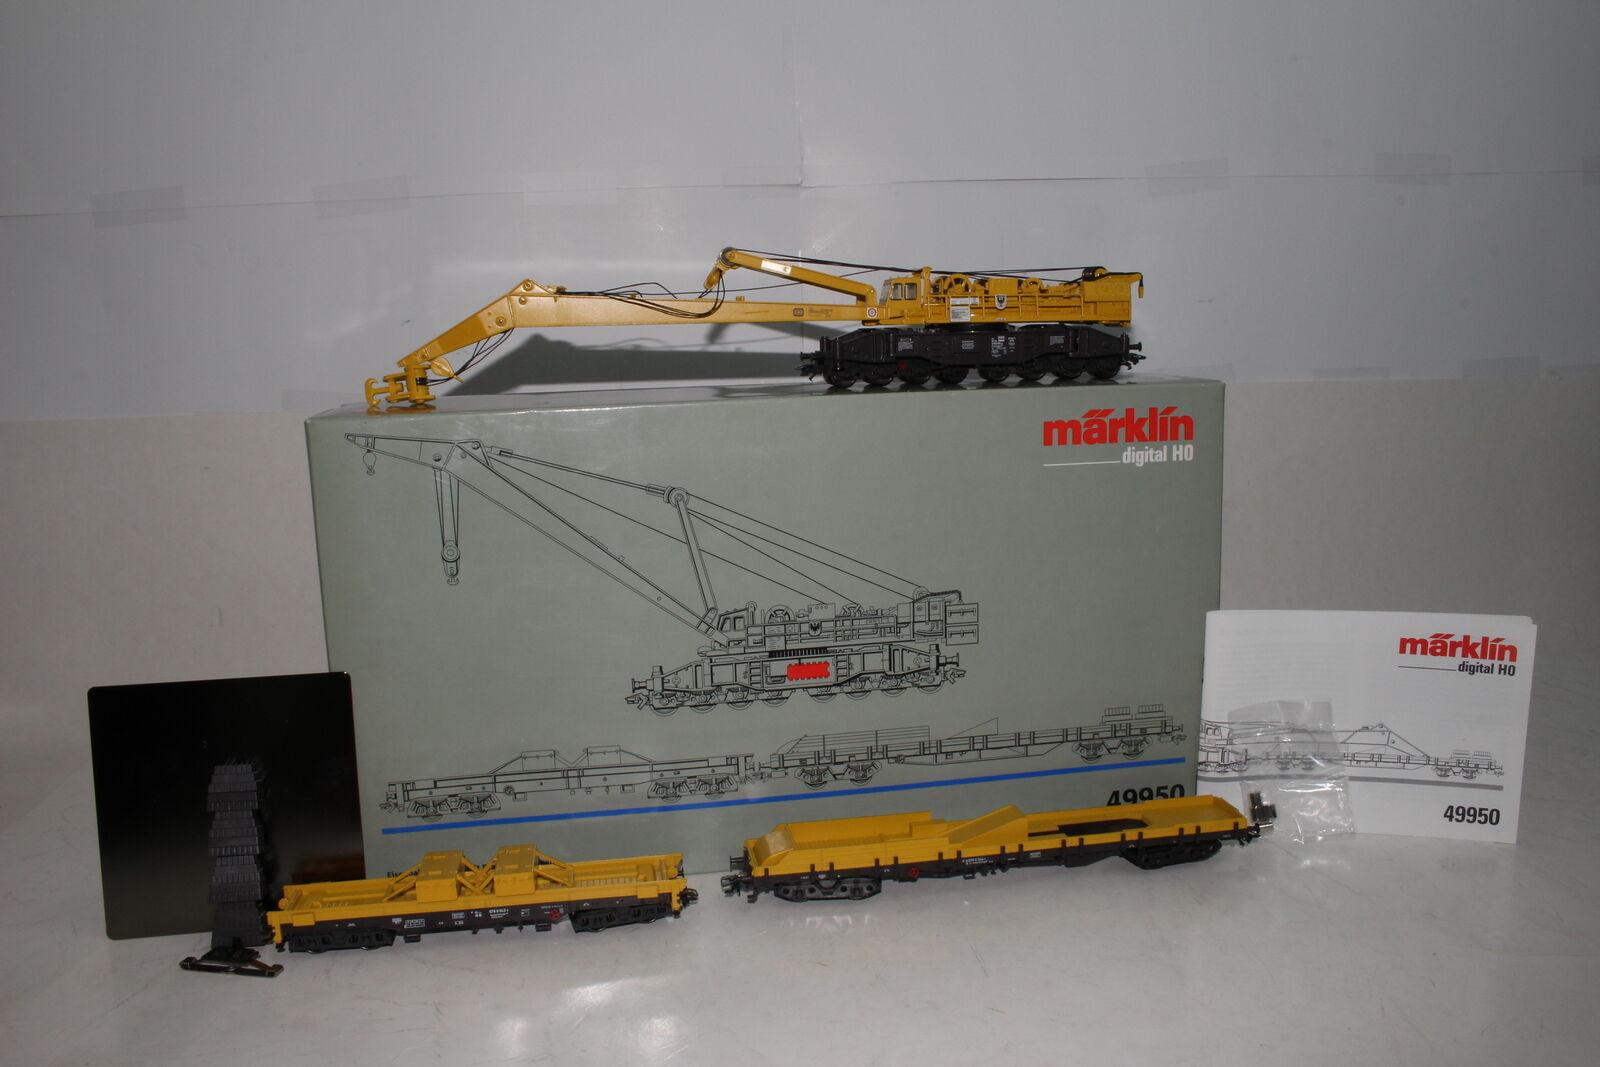 MARKLIN HO HO HO SCALE  49950 RAILROAD CRANE SET W/ DIGITAL FUNCTIONS, EXCELLENT BOXED 27e4ea